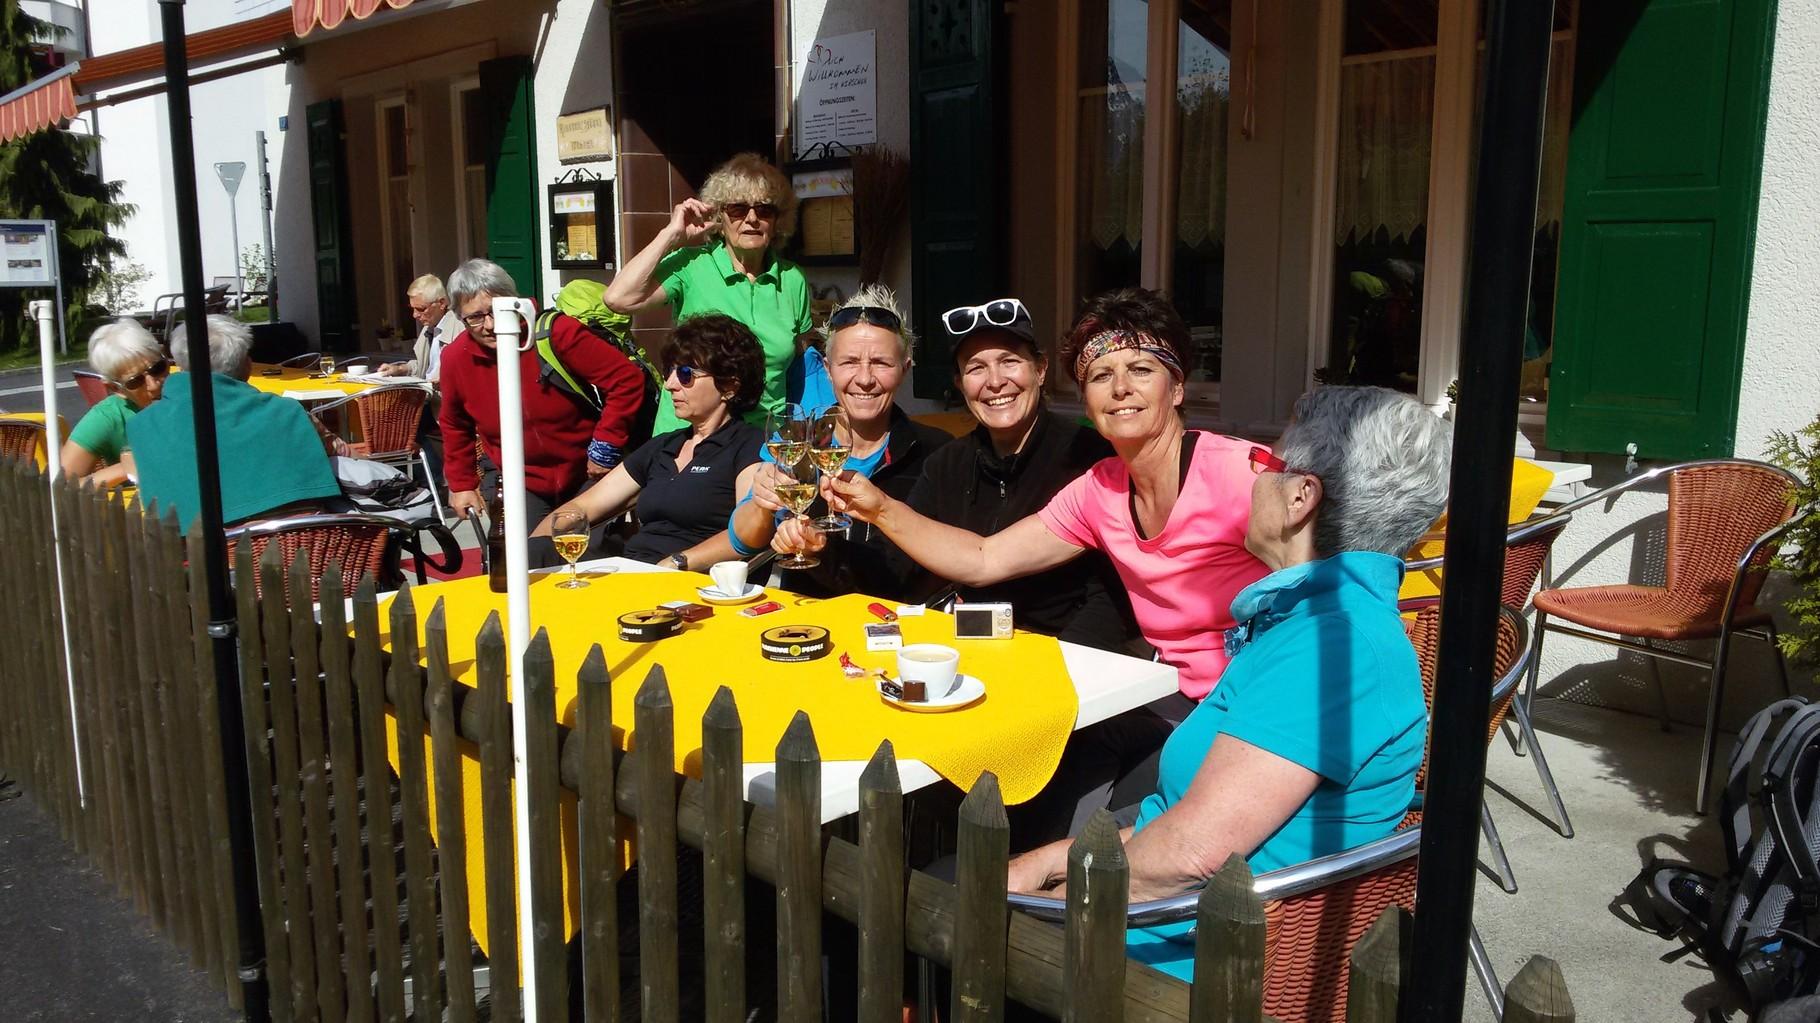 Kaffehalt in Morschach